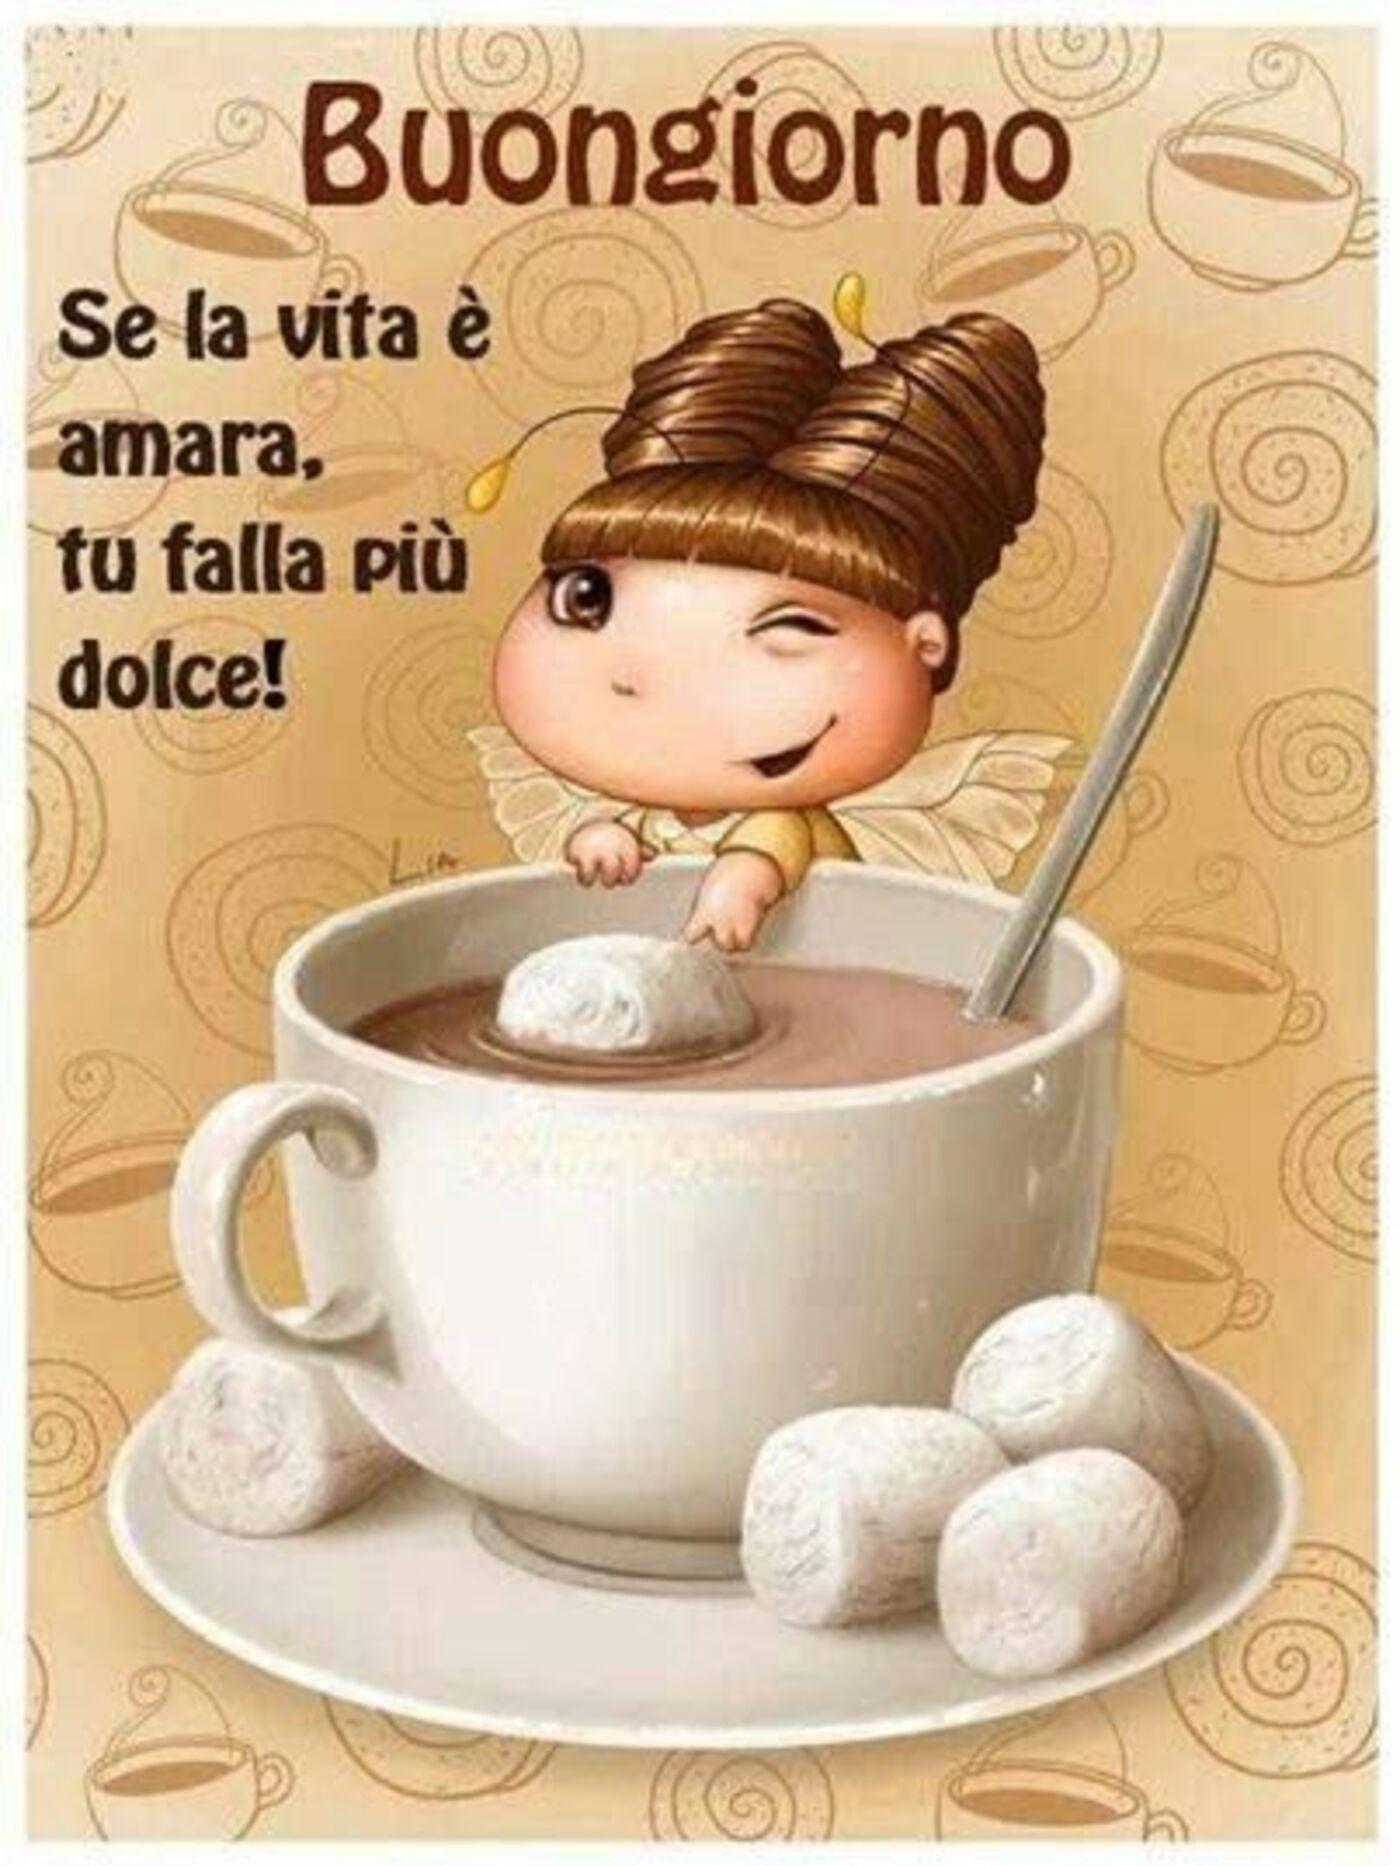 Buongiorno, se la vita è amara, tu falla più dolce!